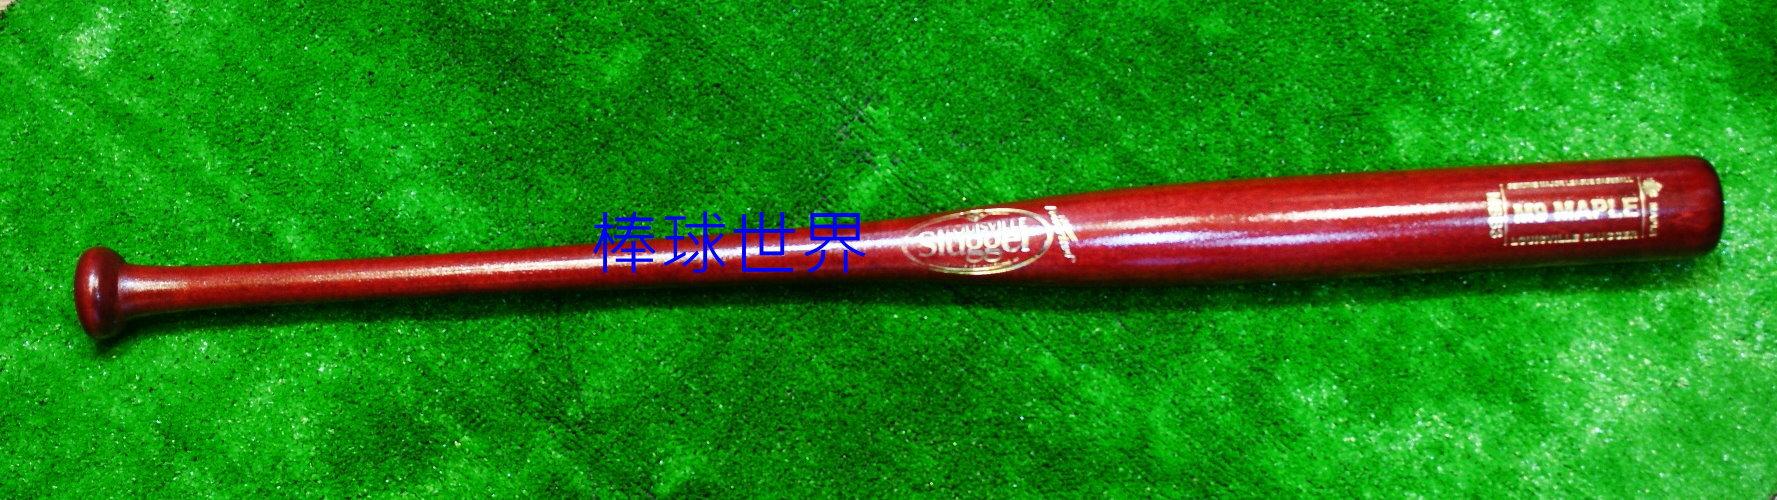 棒球世界全新 Louisville Slugger進口 M9三代壘球棒 北美楓木 特價 紅色